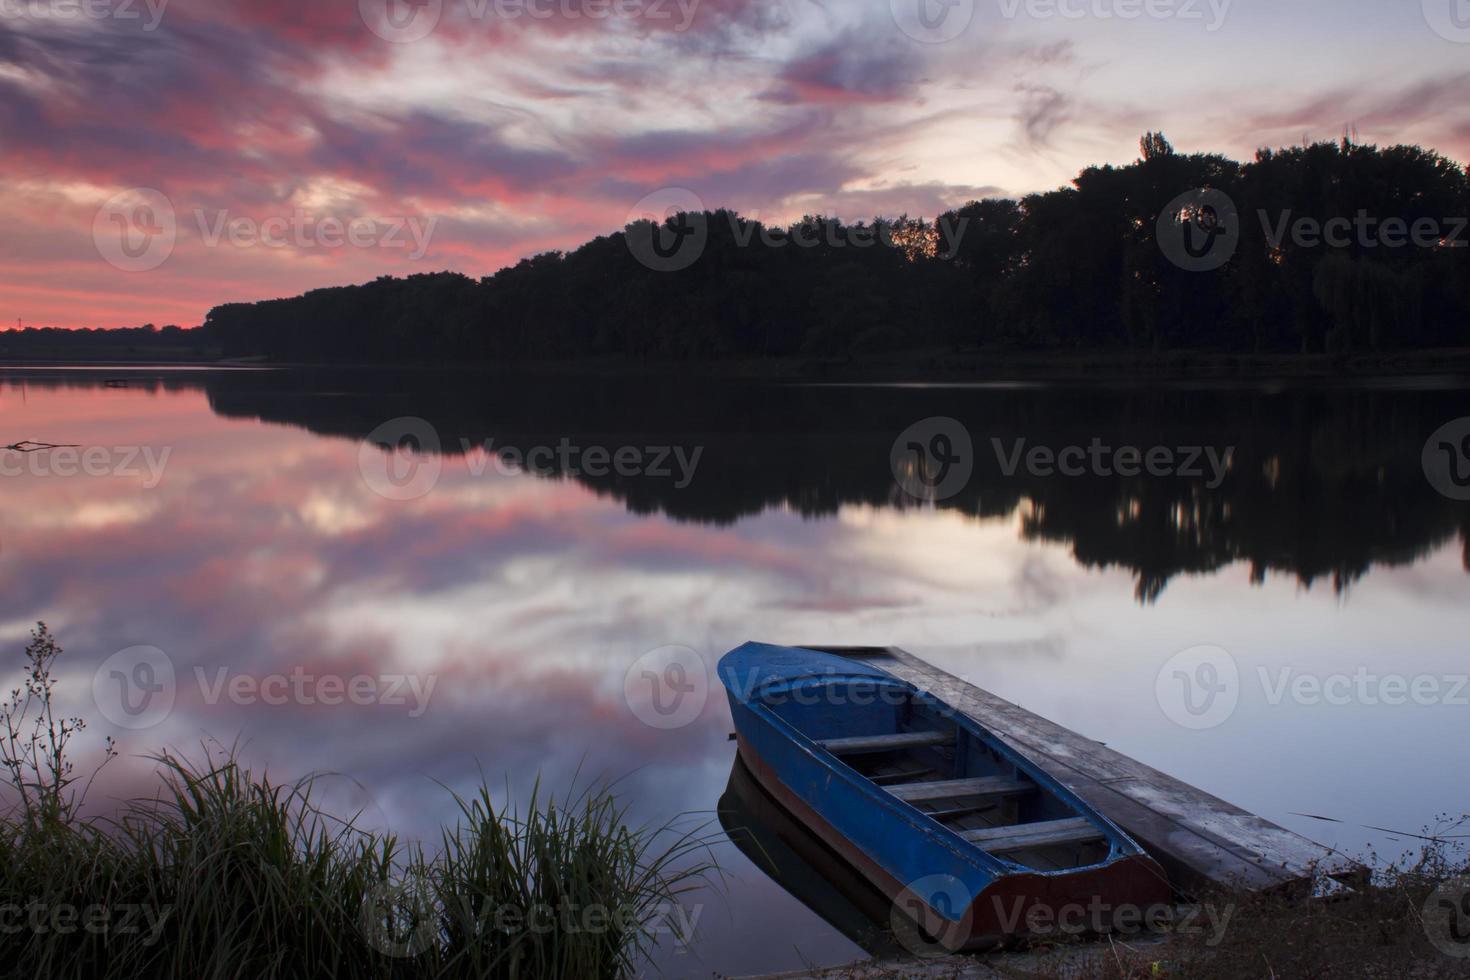 lindo amanhecer no lago com um barco foto